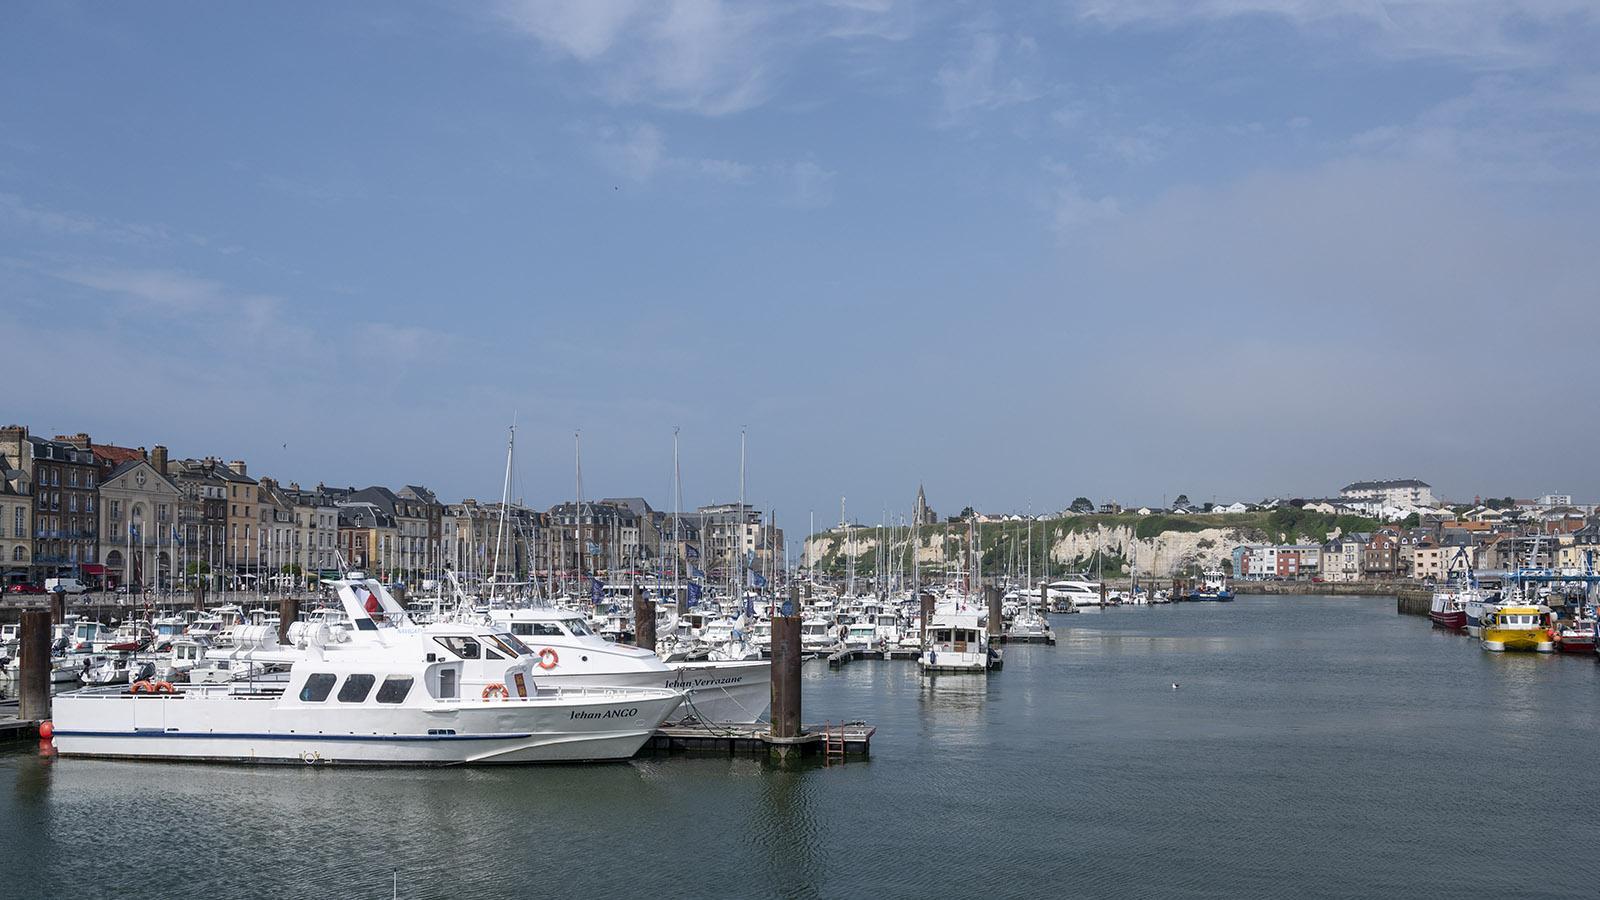 Der Hafen von Dieppe. Foto: Hilke Maunder